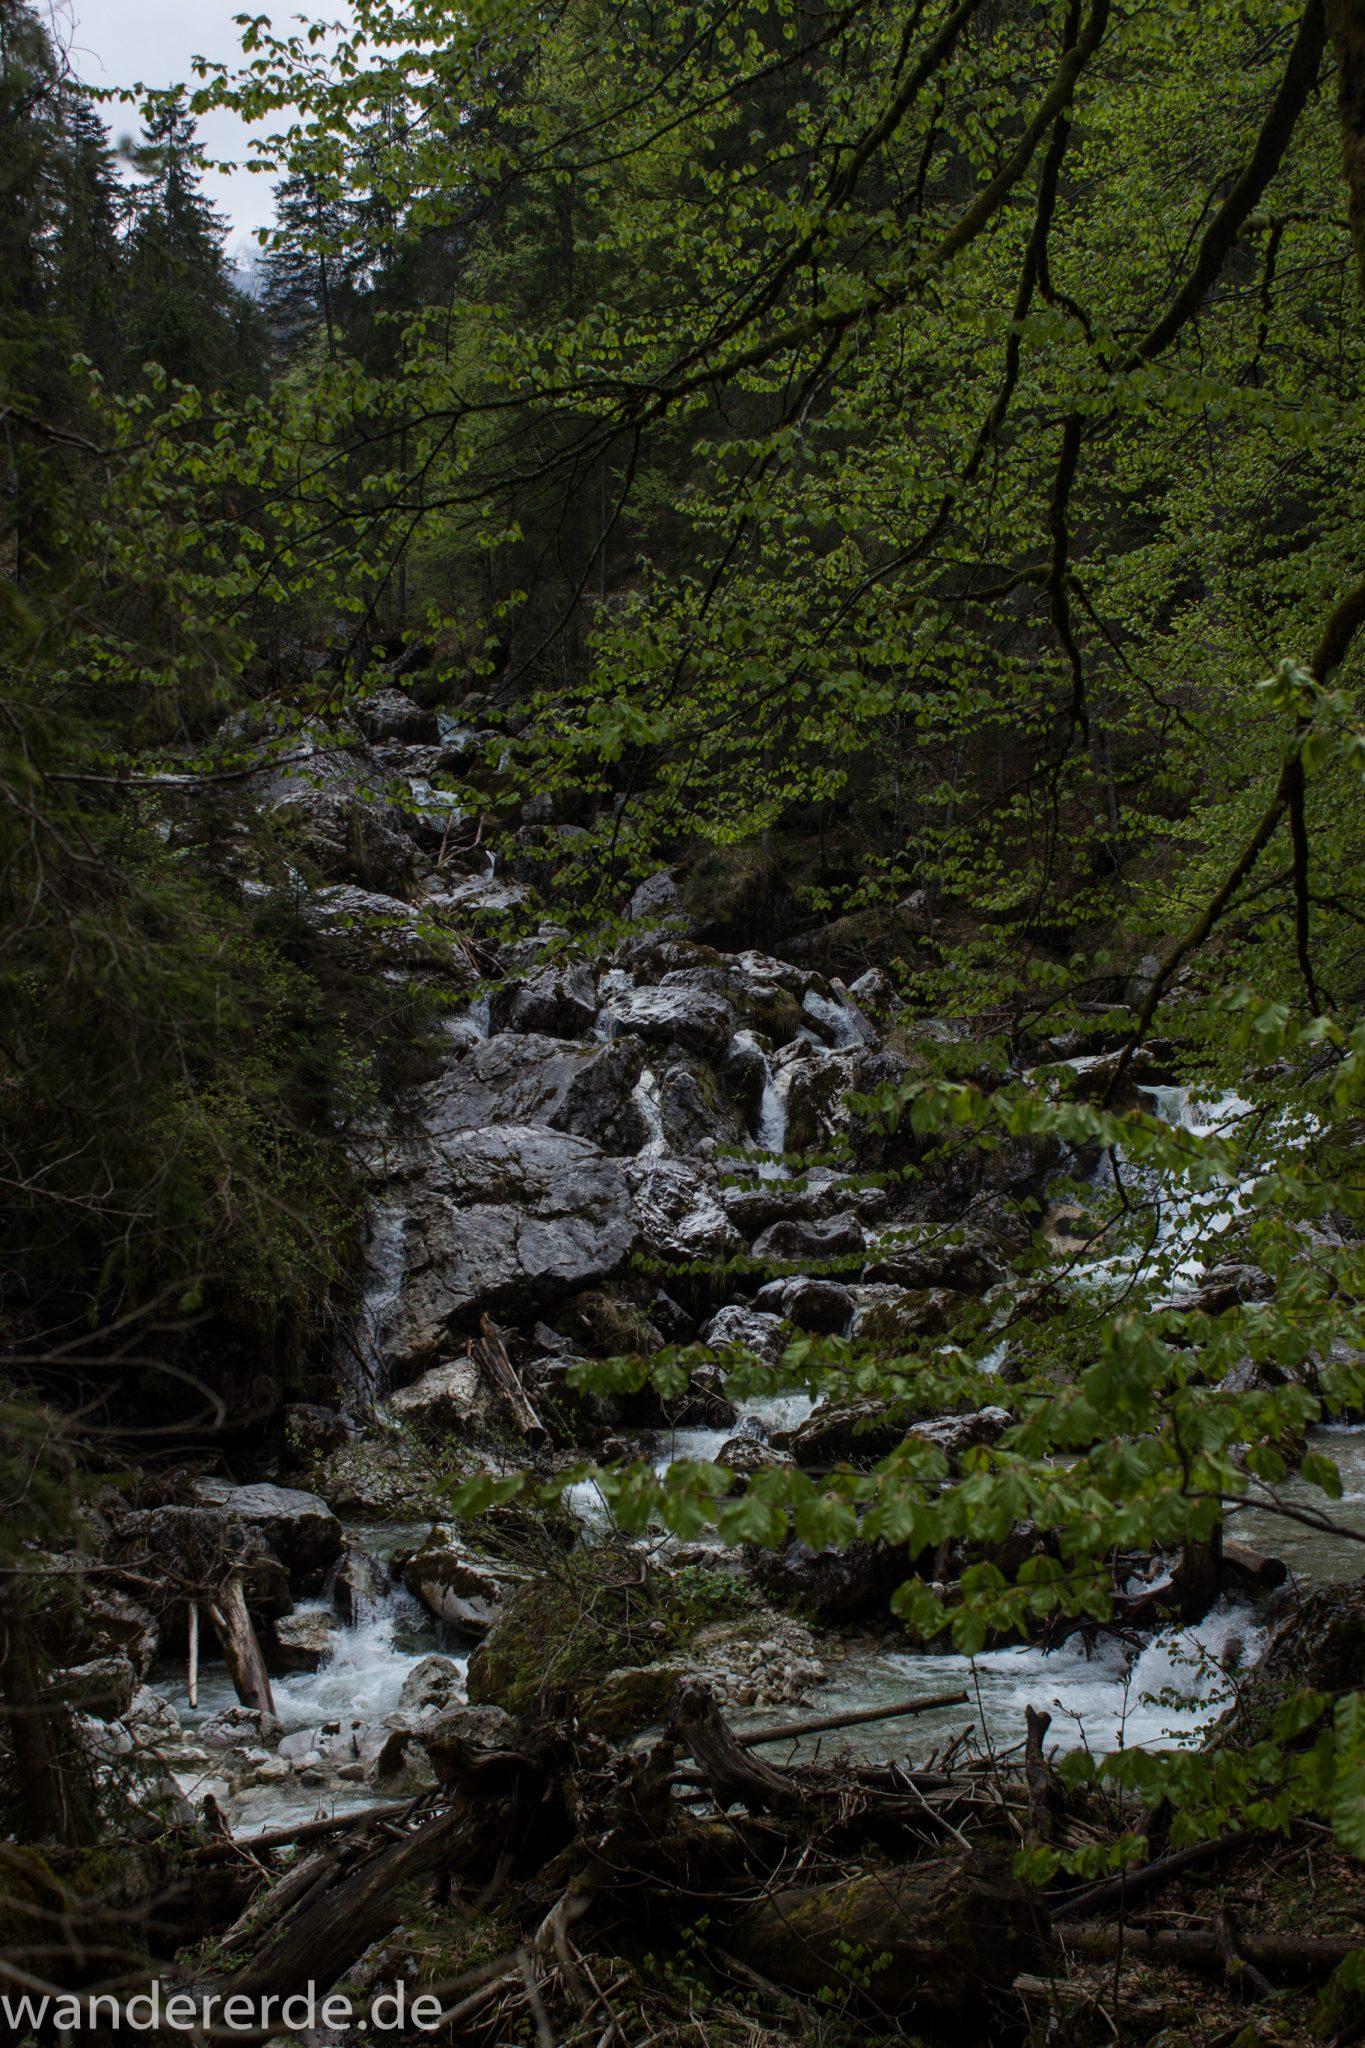 Wanderung zur Kenzenhütte in den Ammergauer Alpen, kleiner Wasserfall in idyllischem Wald, Gehölz und Steine, Laubbaum ragt ins Bild